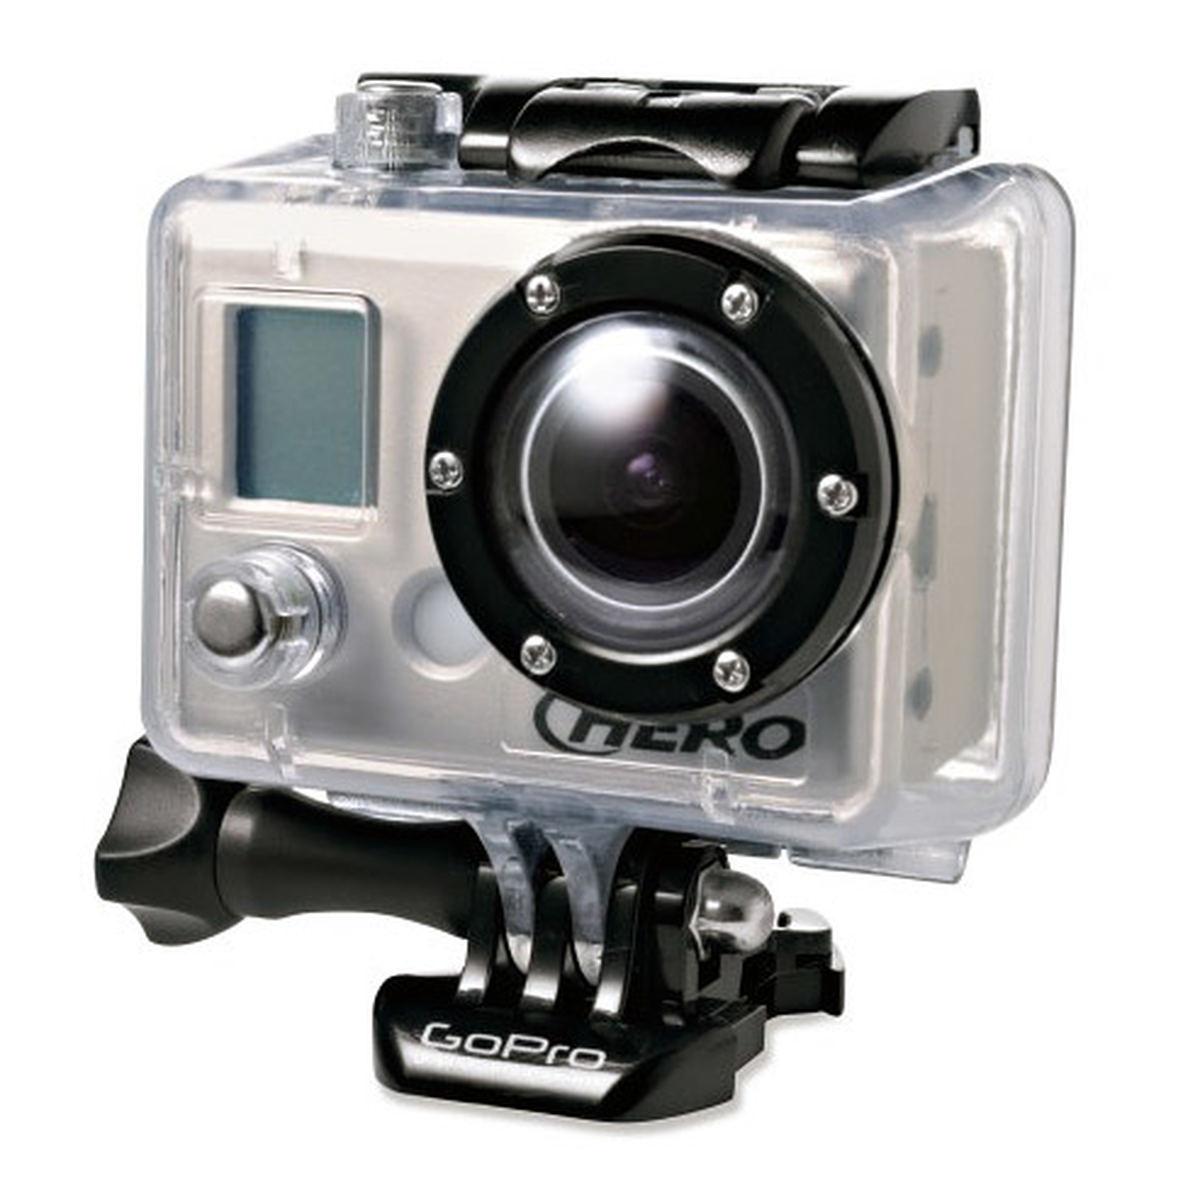 GoPro HD Hero 1 : Caratteristiche e Opinioni   JuzaPhoto